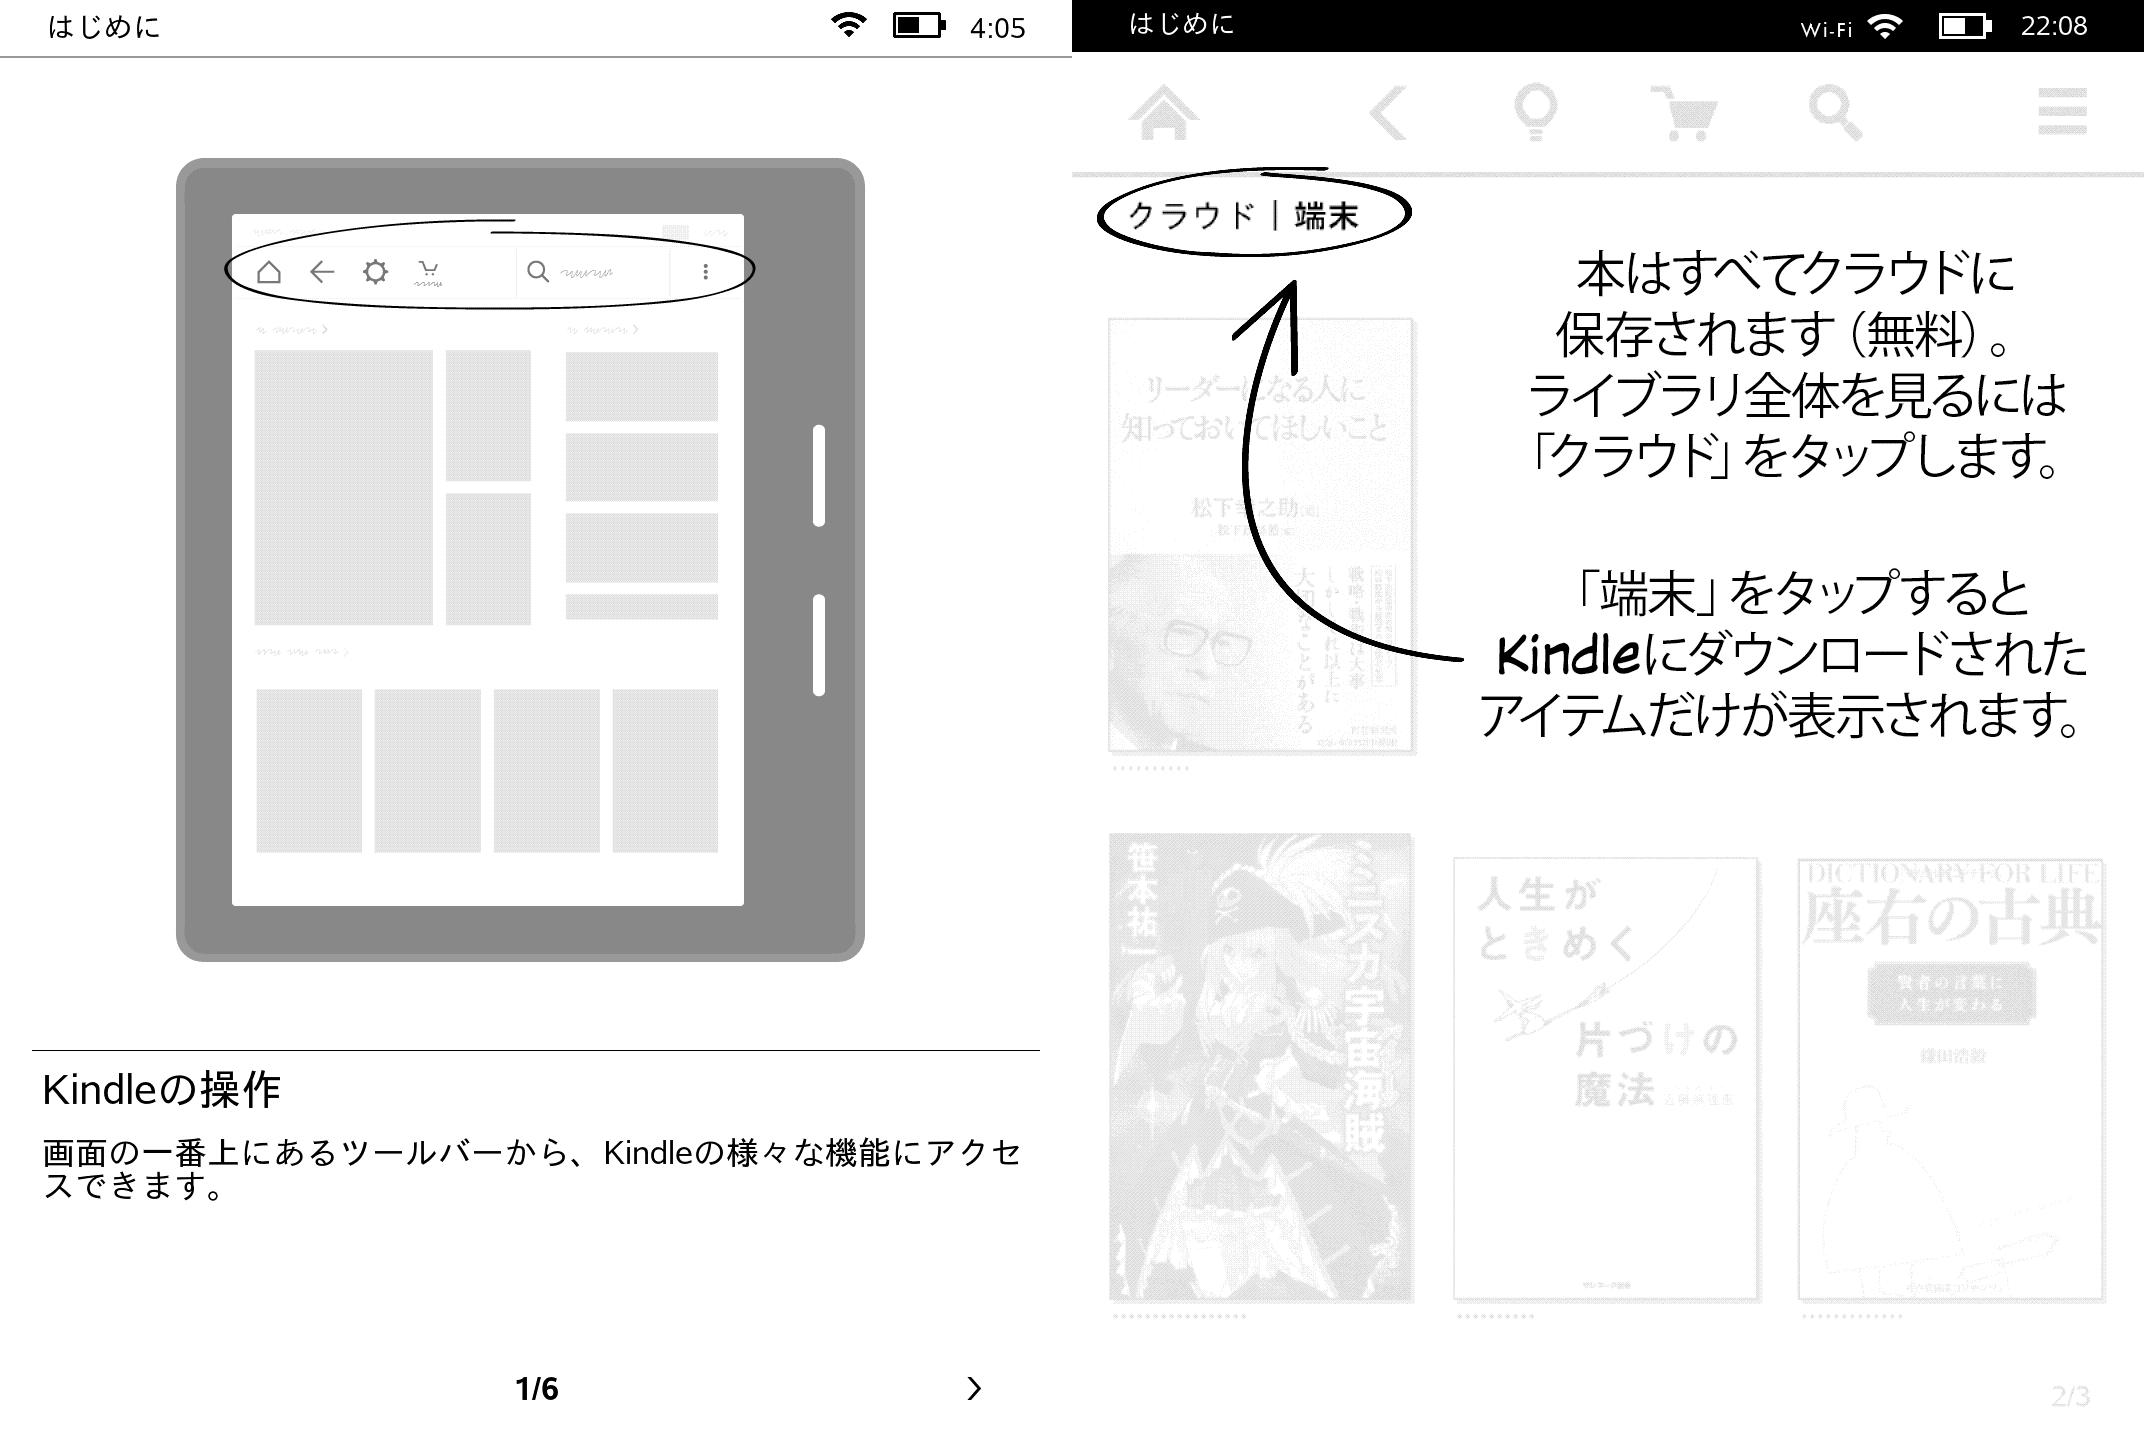 操作方法を案内するチュートリアル画面。従来は十数ページ近く存在していたのが6ページに簡略化された